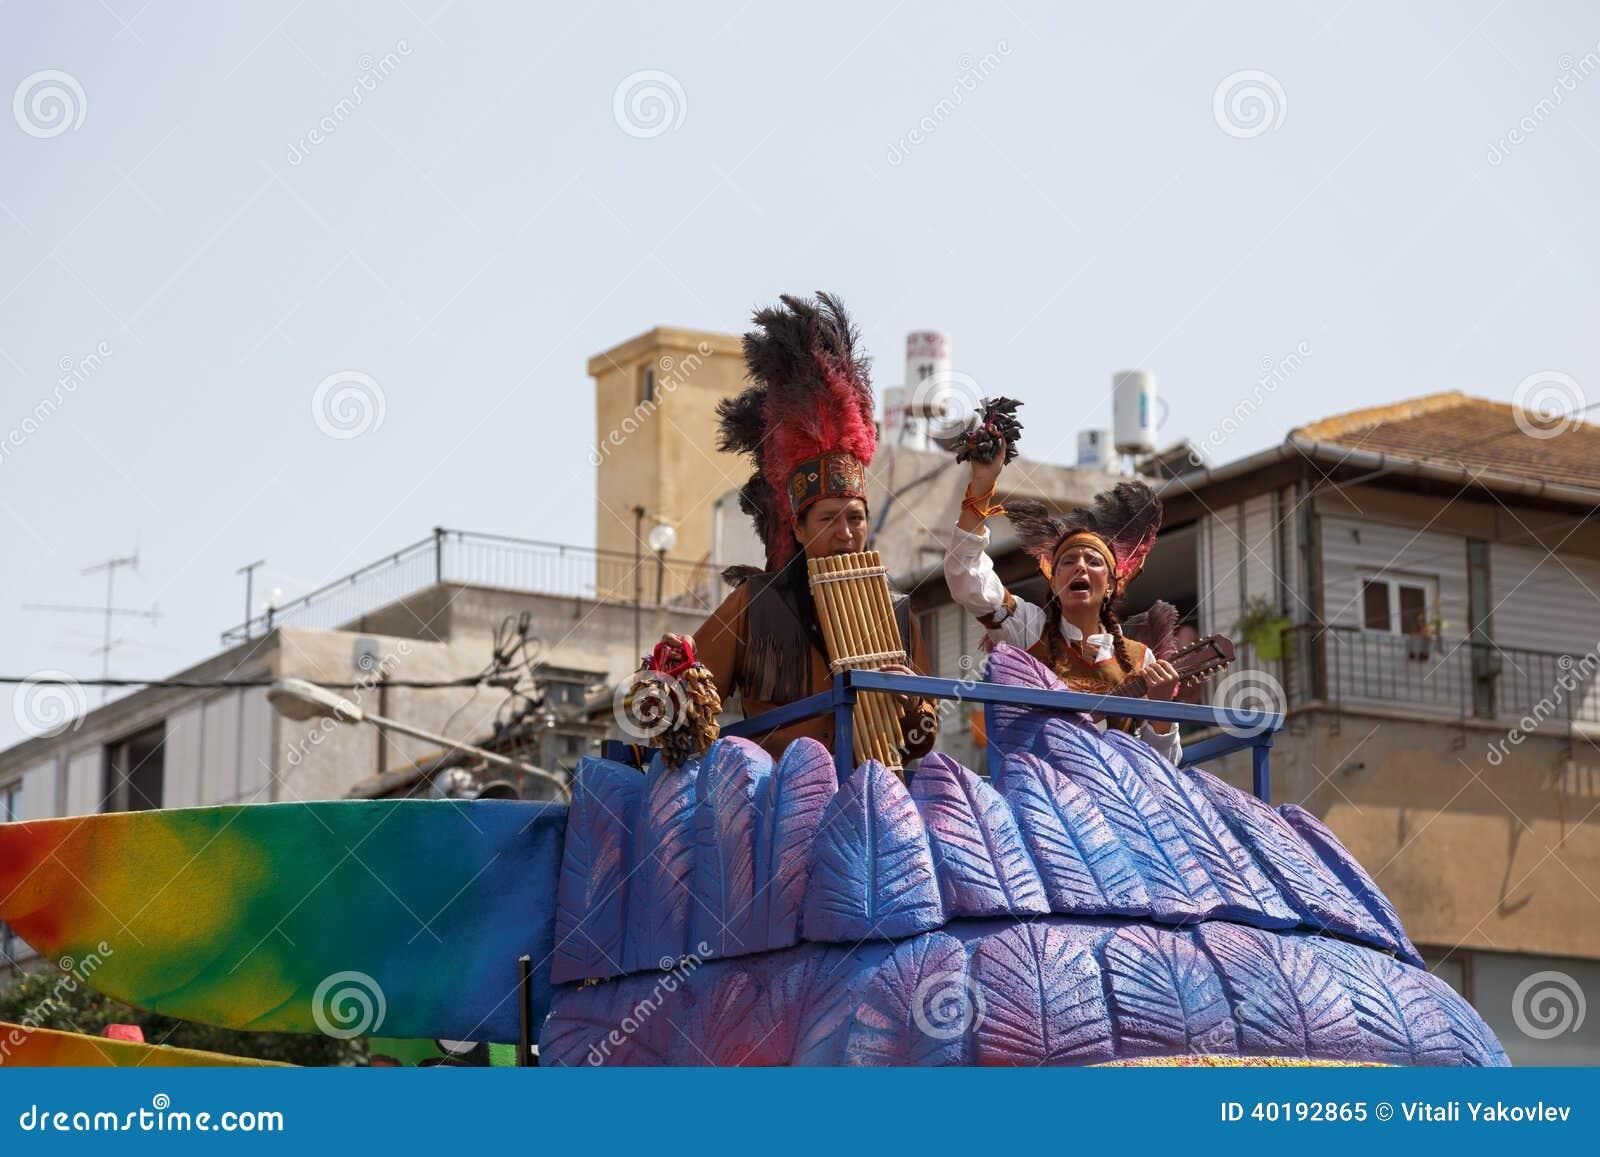 Adloyada Holon. Purim Carnaval. Israël